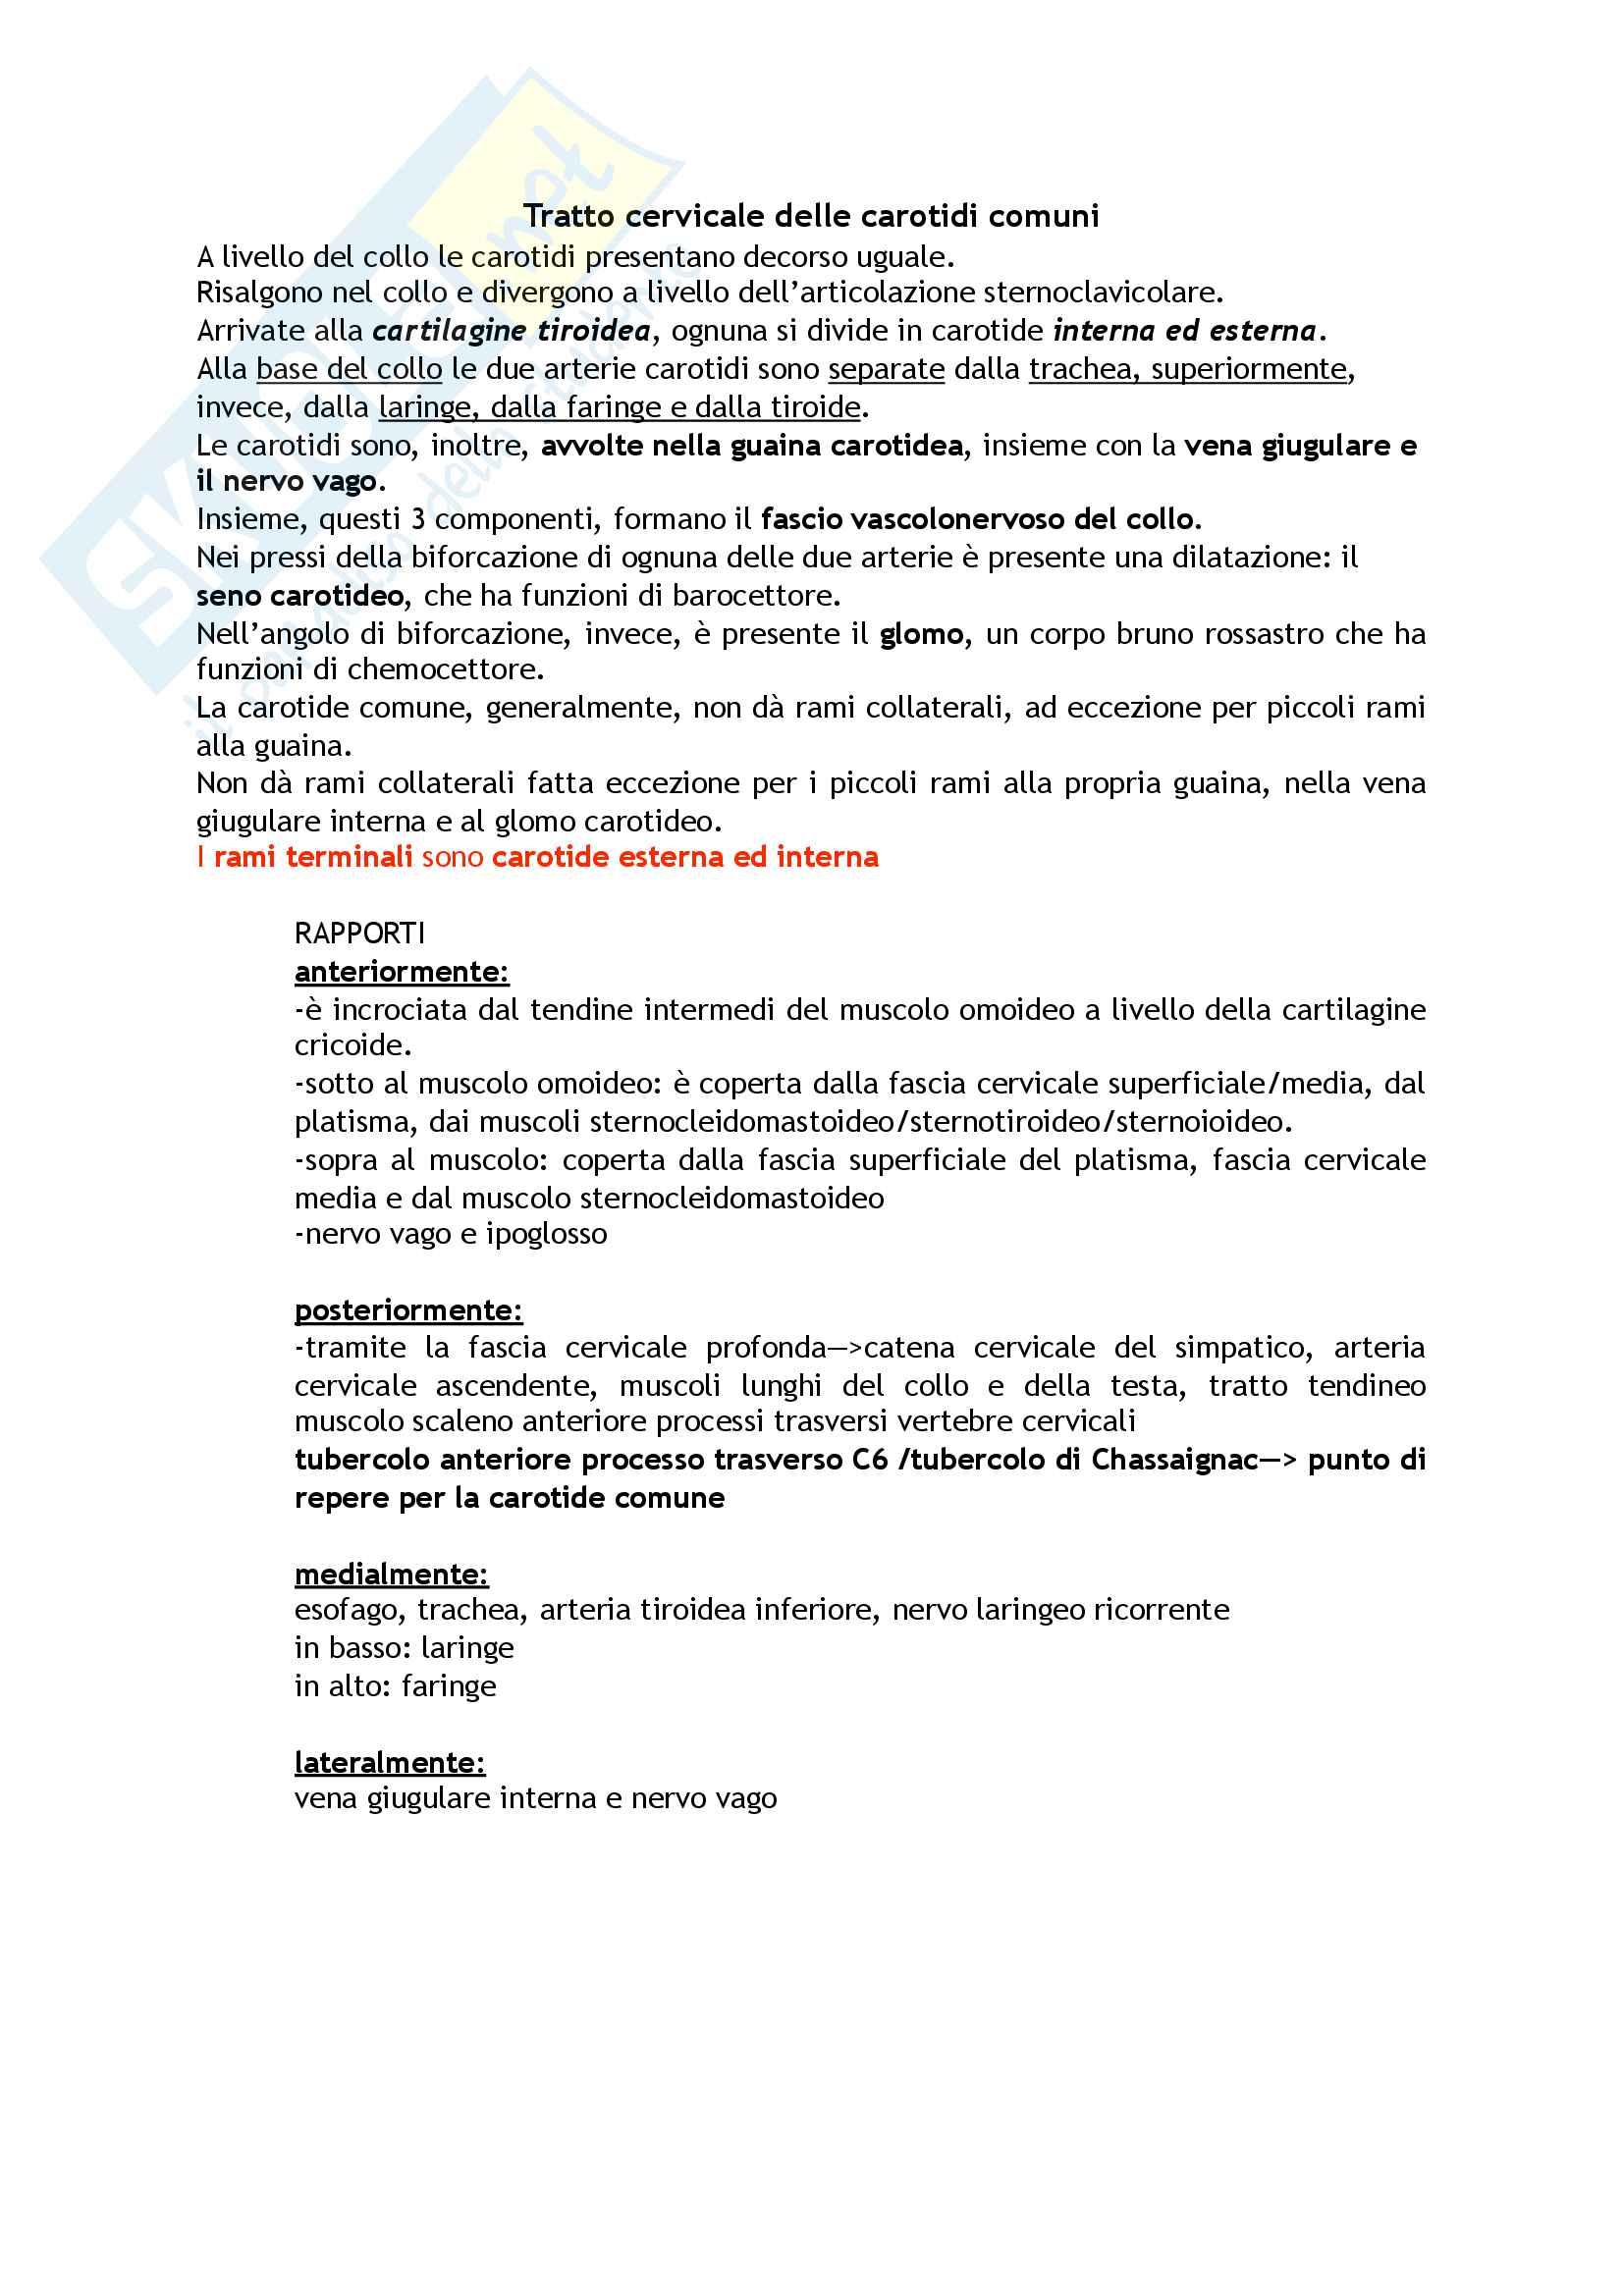 Tronco Brachiocefalico e Arterie Carotidi Pag. 2